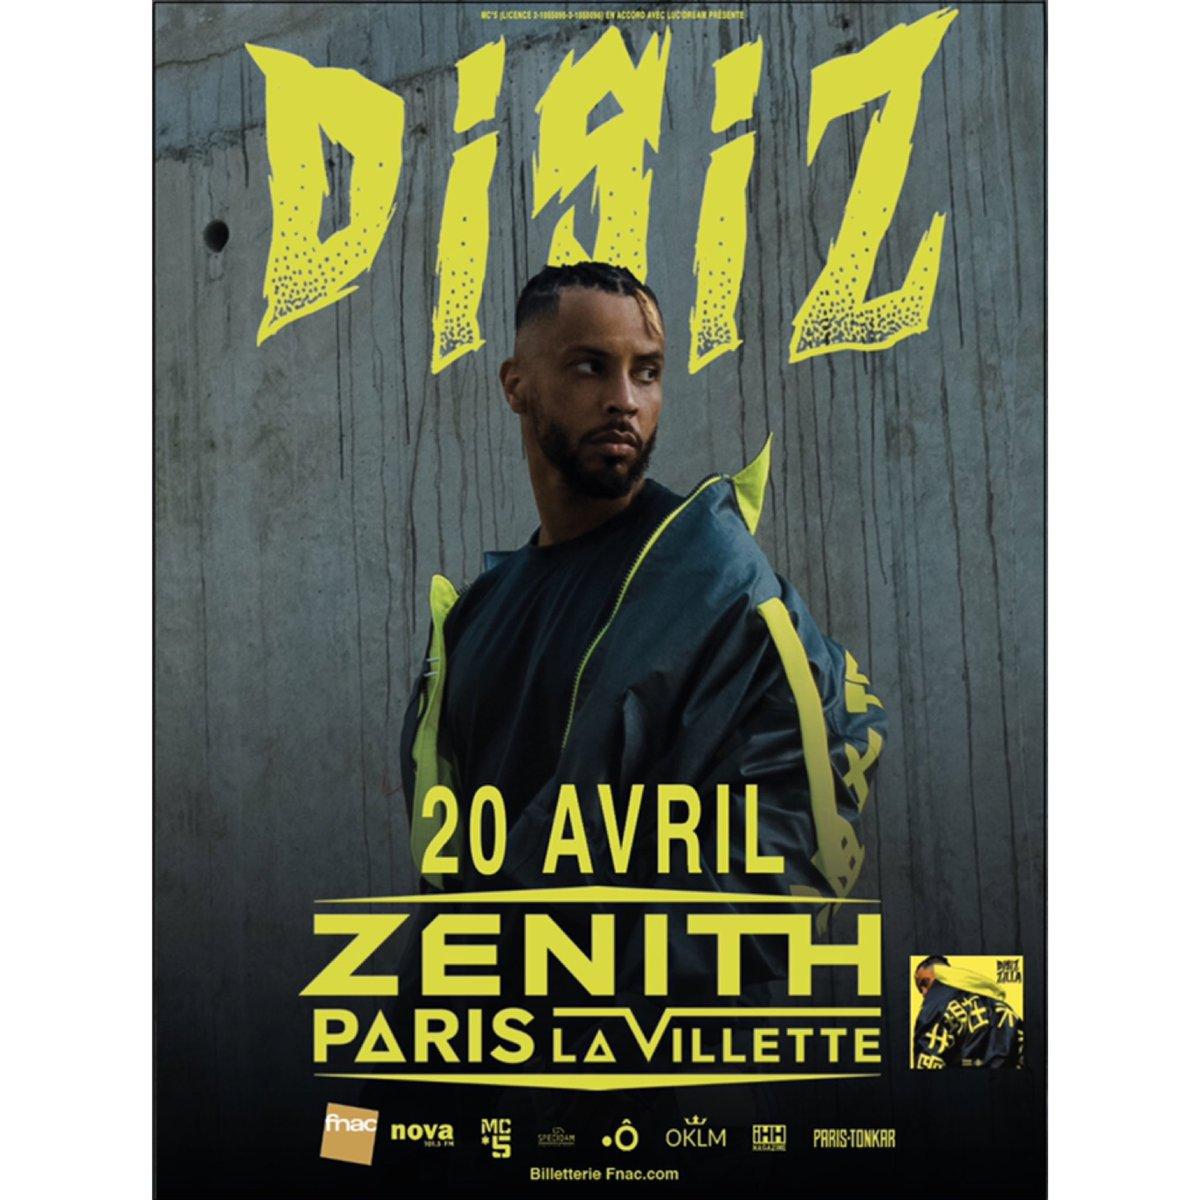 Zenith le 20 avril dernières places et code promo ici 👉🏽 bit.ly/2UeH5Xc